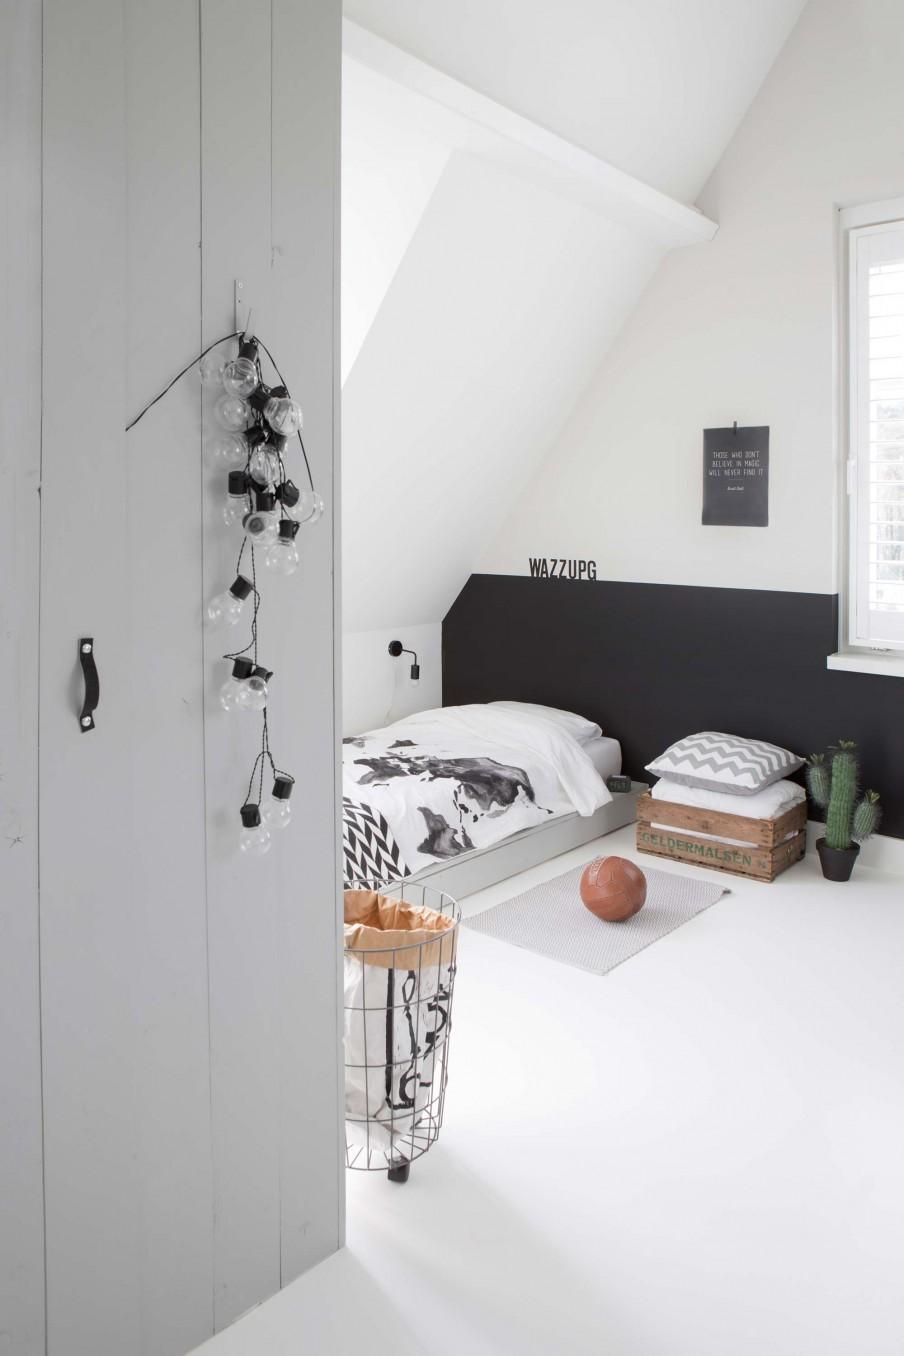 dormitorio, blanco, estilo nordico, decoracion nordica, banco, armario, madera, natural, lampara, cesta, escandinavo, interiorismo, barcelona, alquimia deco, guirnalda, luces